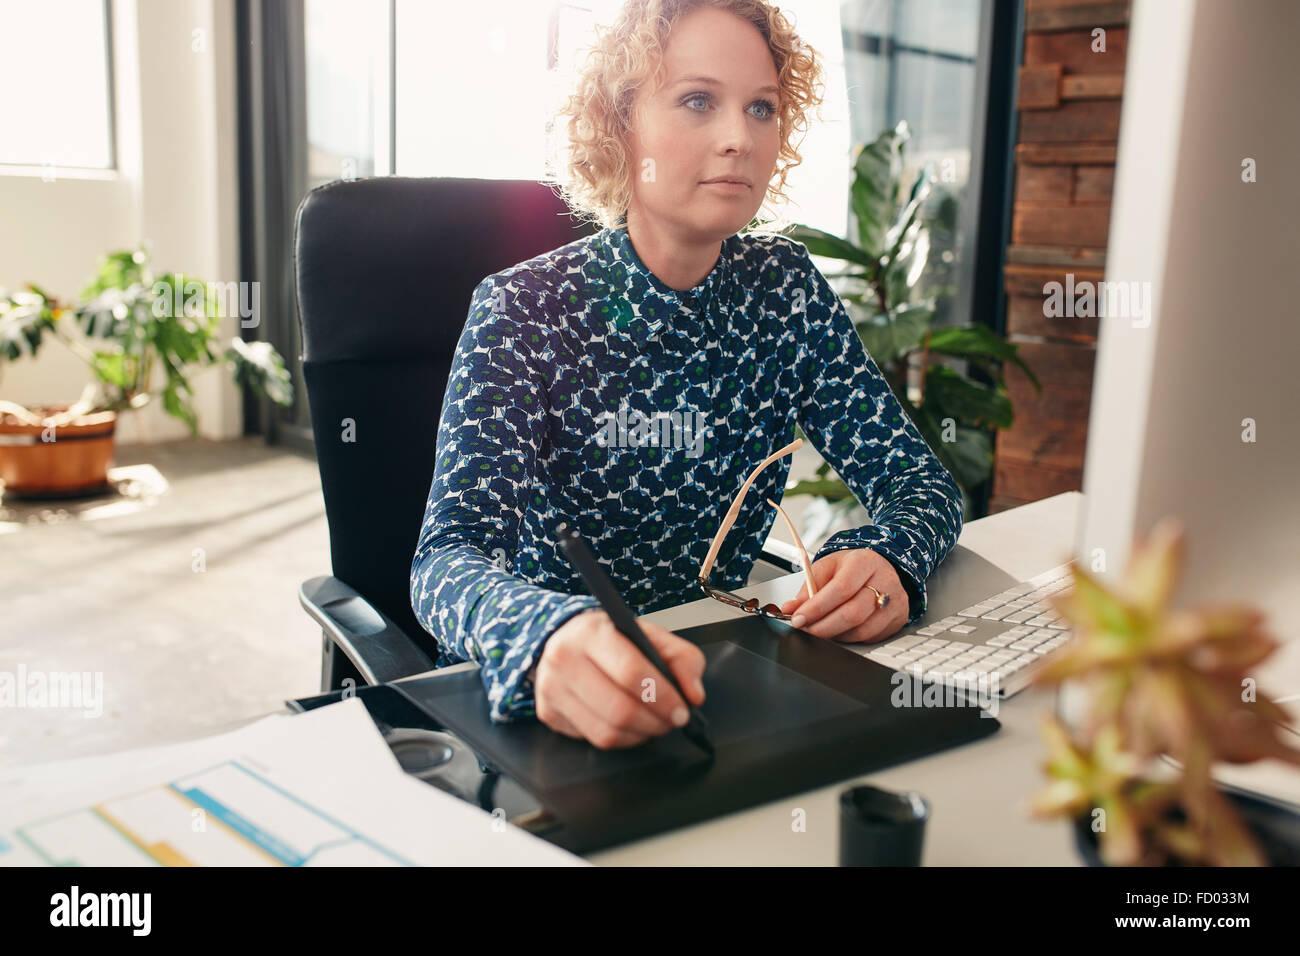 Las hembras jóvenes de editor utilizando tableta gráfica para trabajar en su escritorio en la oficina. Imagen De Stock